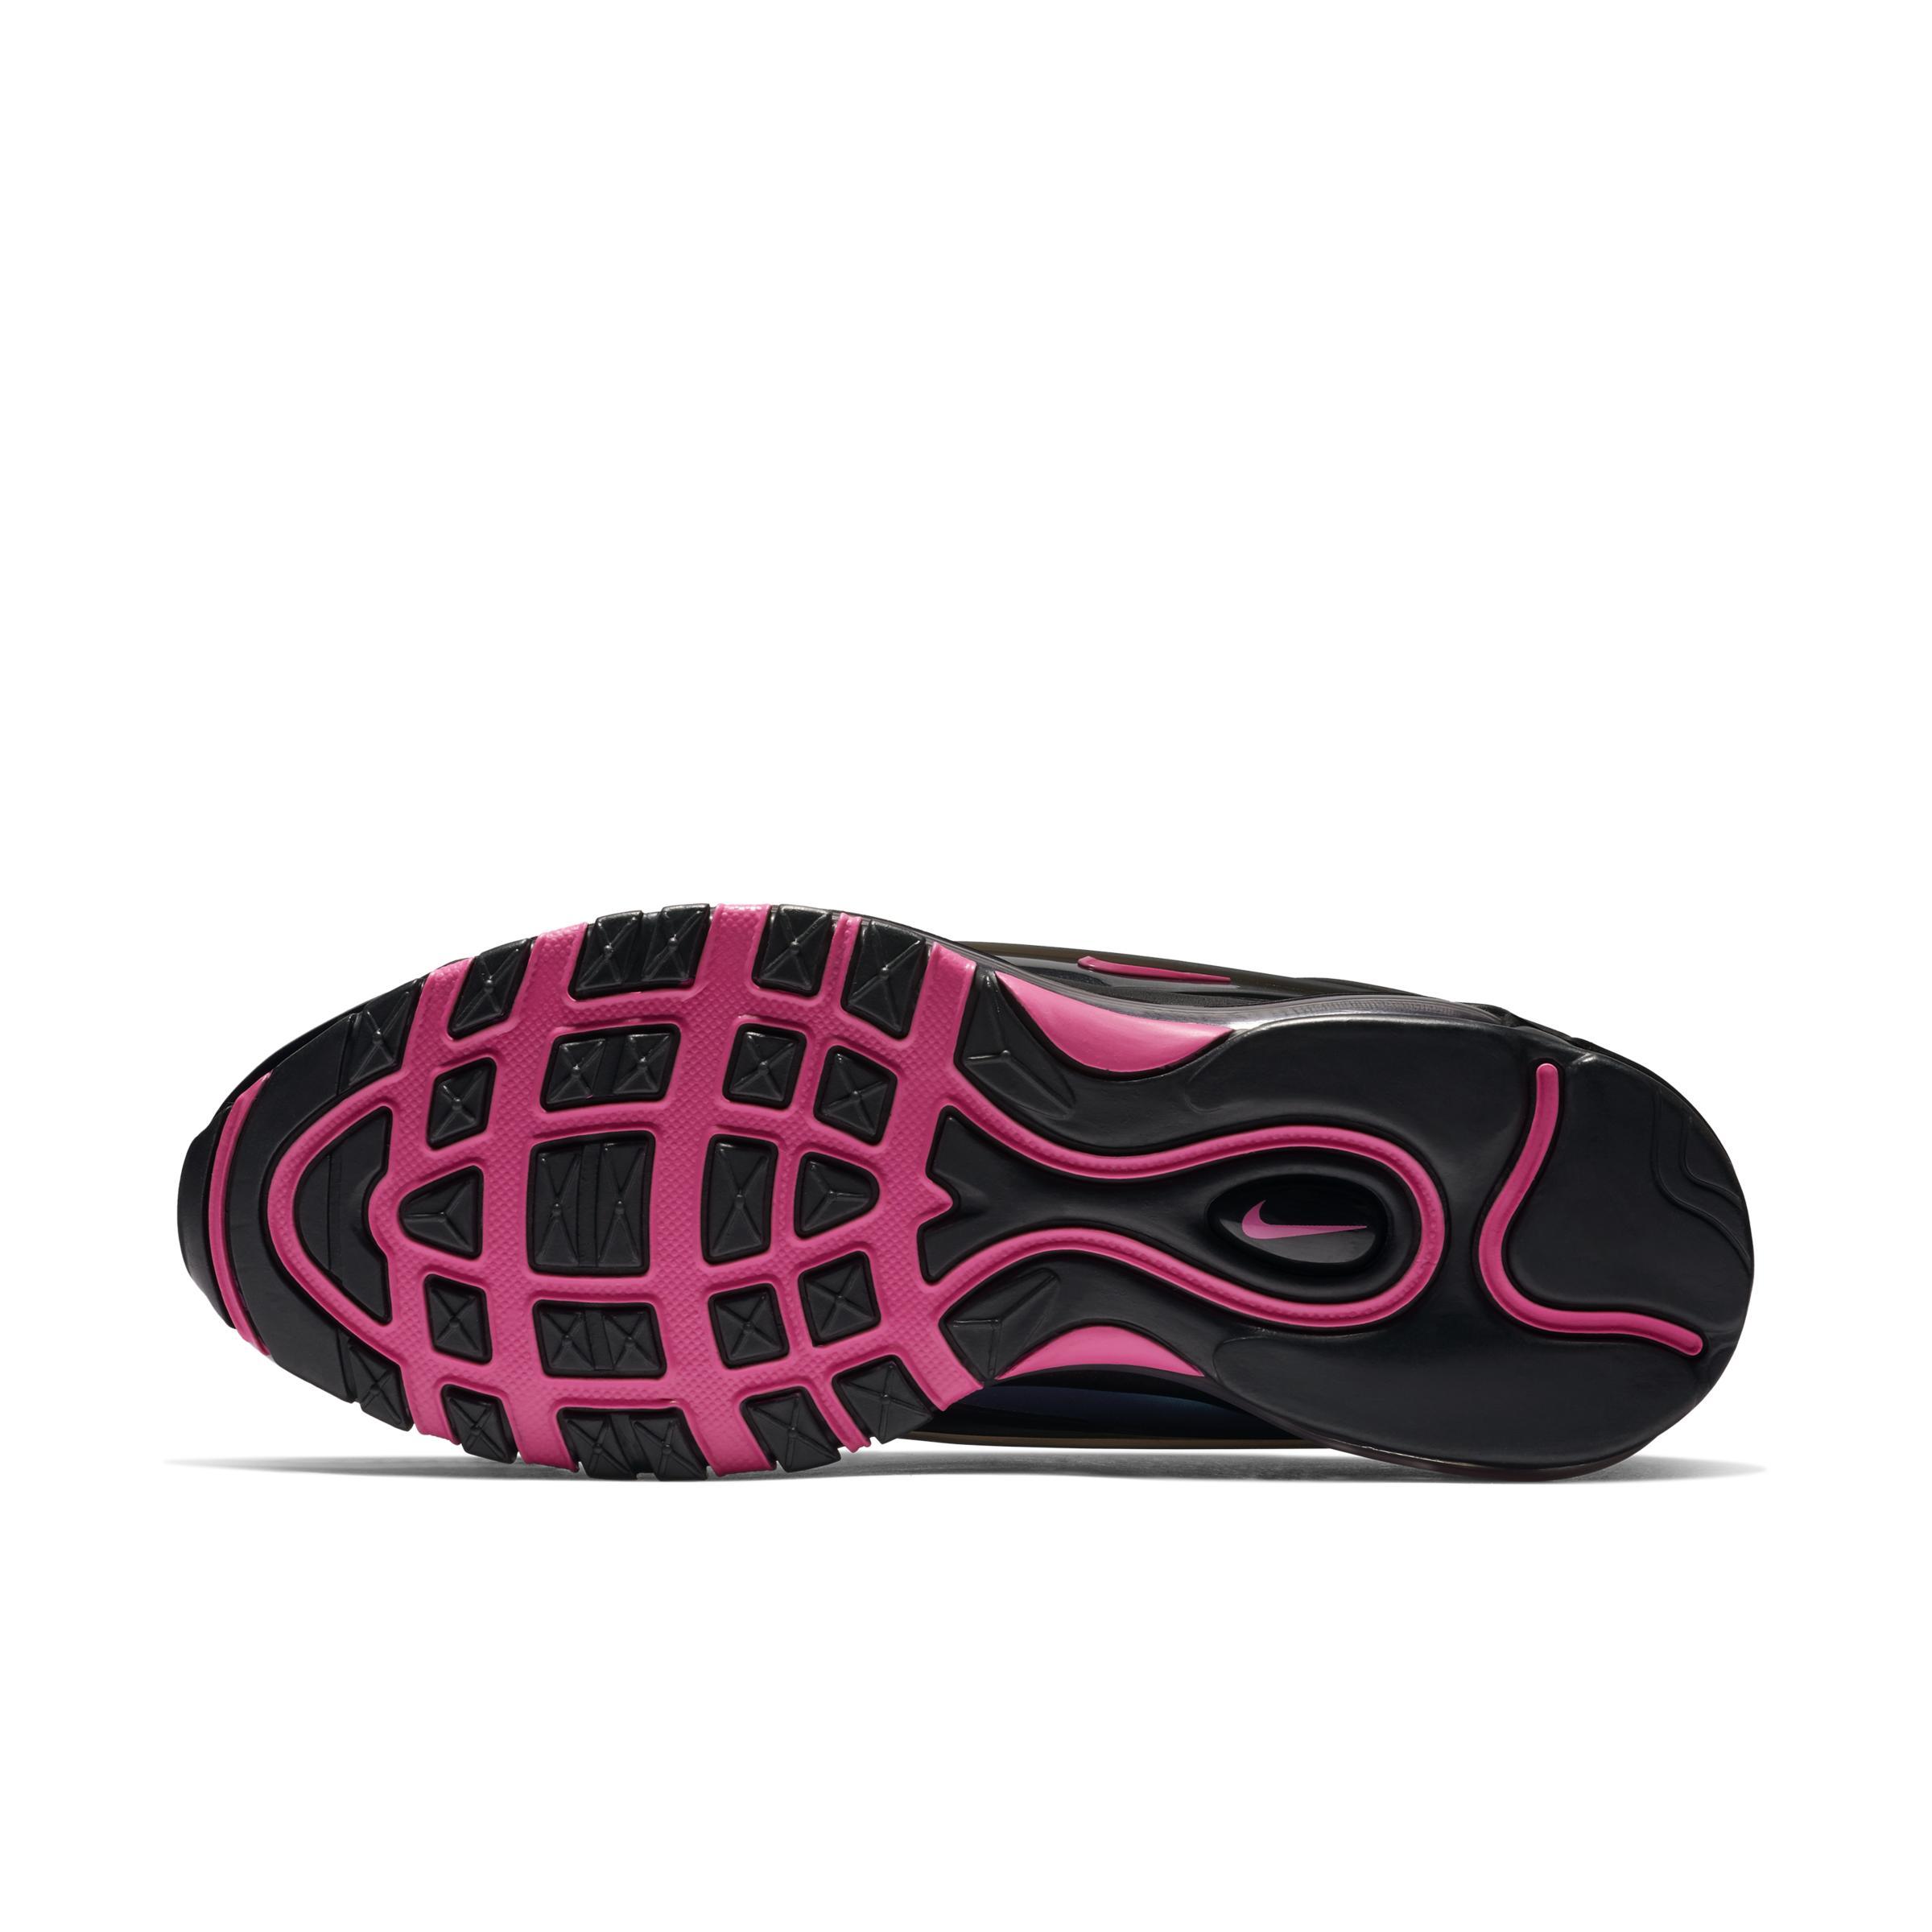 Air Max Deluxe Zapatillas Nike de hombre de color Negro